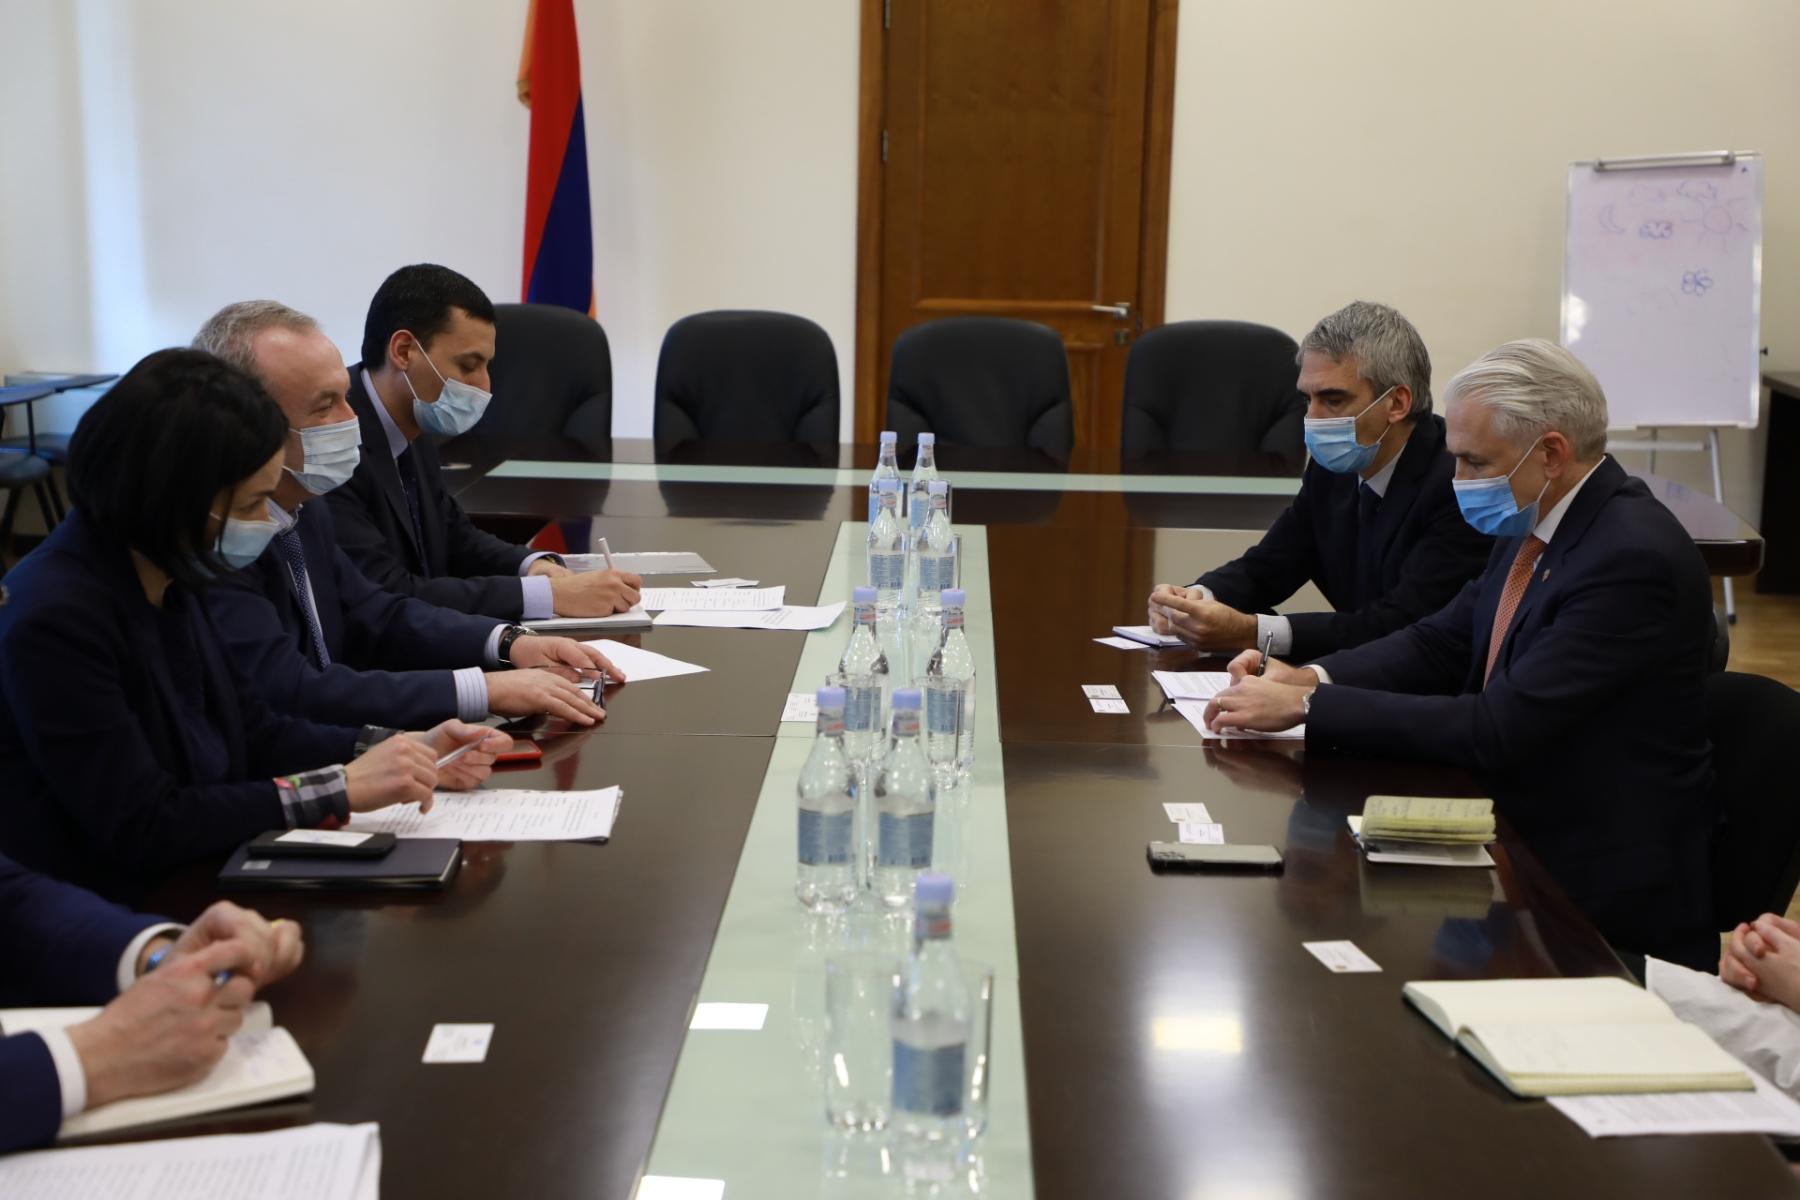 Photo of Հայկական կողմն ակնկալում է ՄԱԿ-ի աջակցությունը Արցախի հսկողությունից դուրս հայտնված պատմամշակութային ժառանգության պահպանման գործում